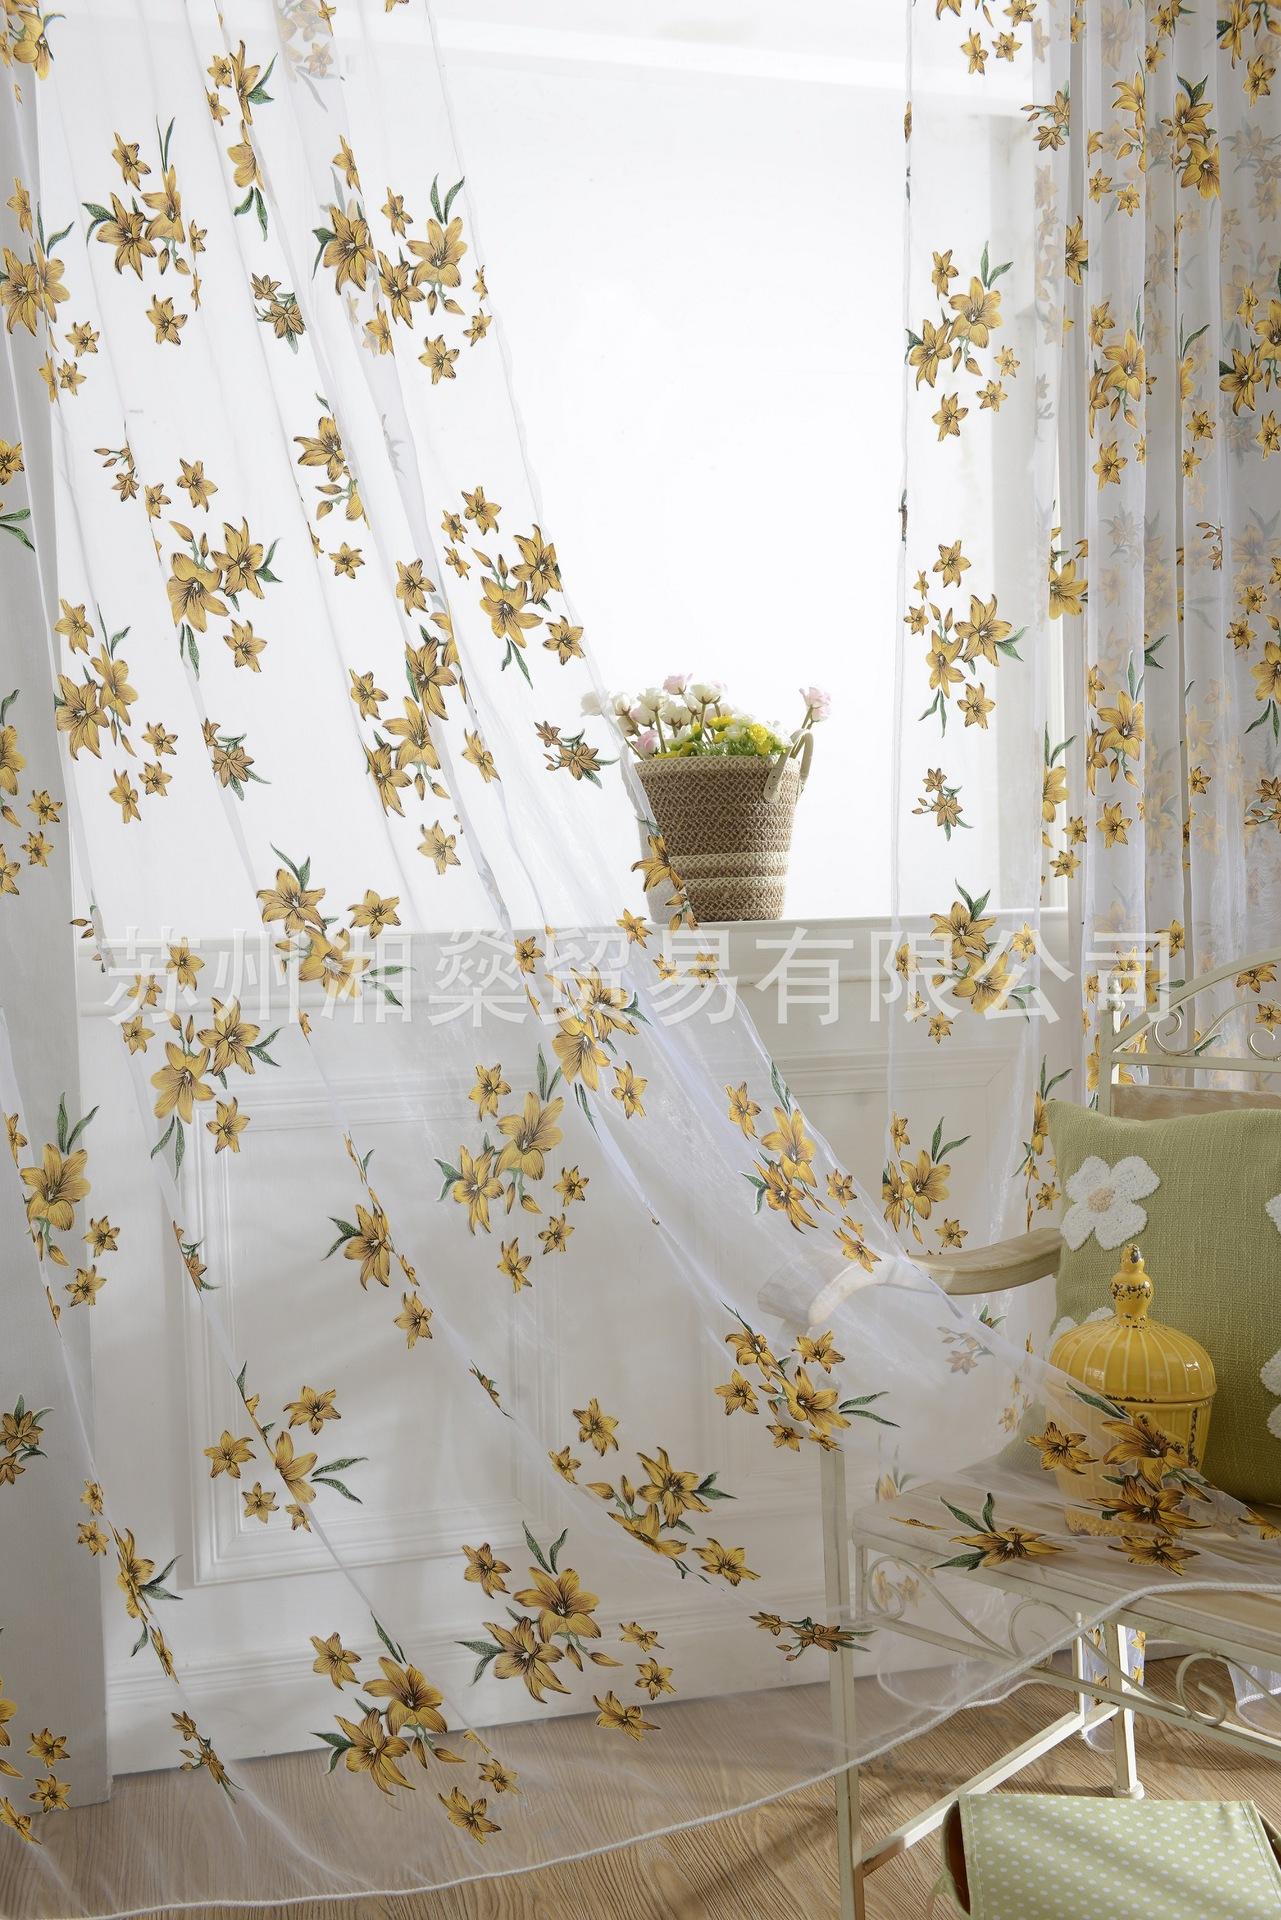 Promo o de beautiful projetos da cortina disconto for Cortinas de castorama pura